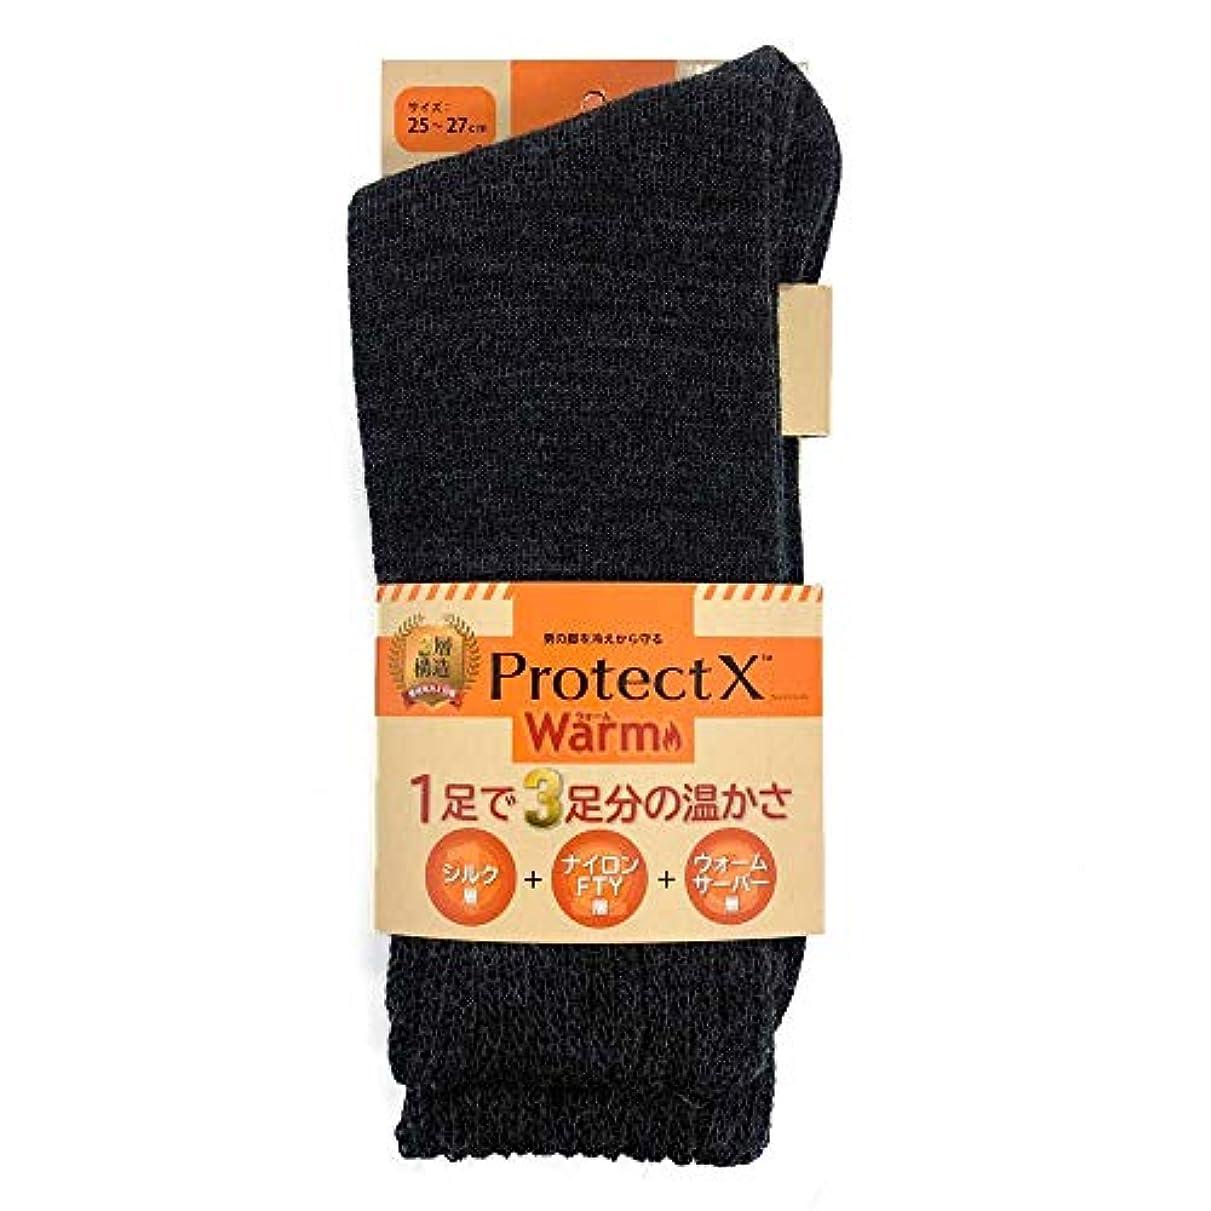 キャプテンブライ多くの危険がある状況組み合わせ冷え性対策 履き口柔らか 男性用冷え対策 シルク100%(内側) 3層構造 防寒ソックス 25-27cm チャコールグレー